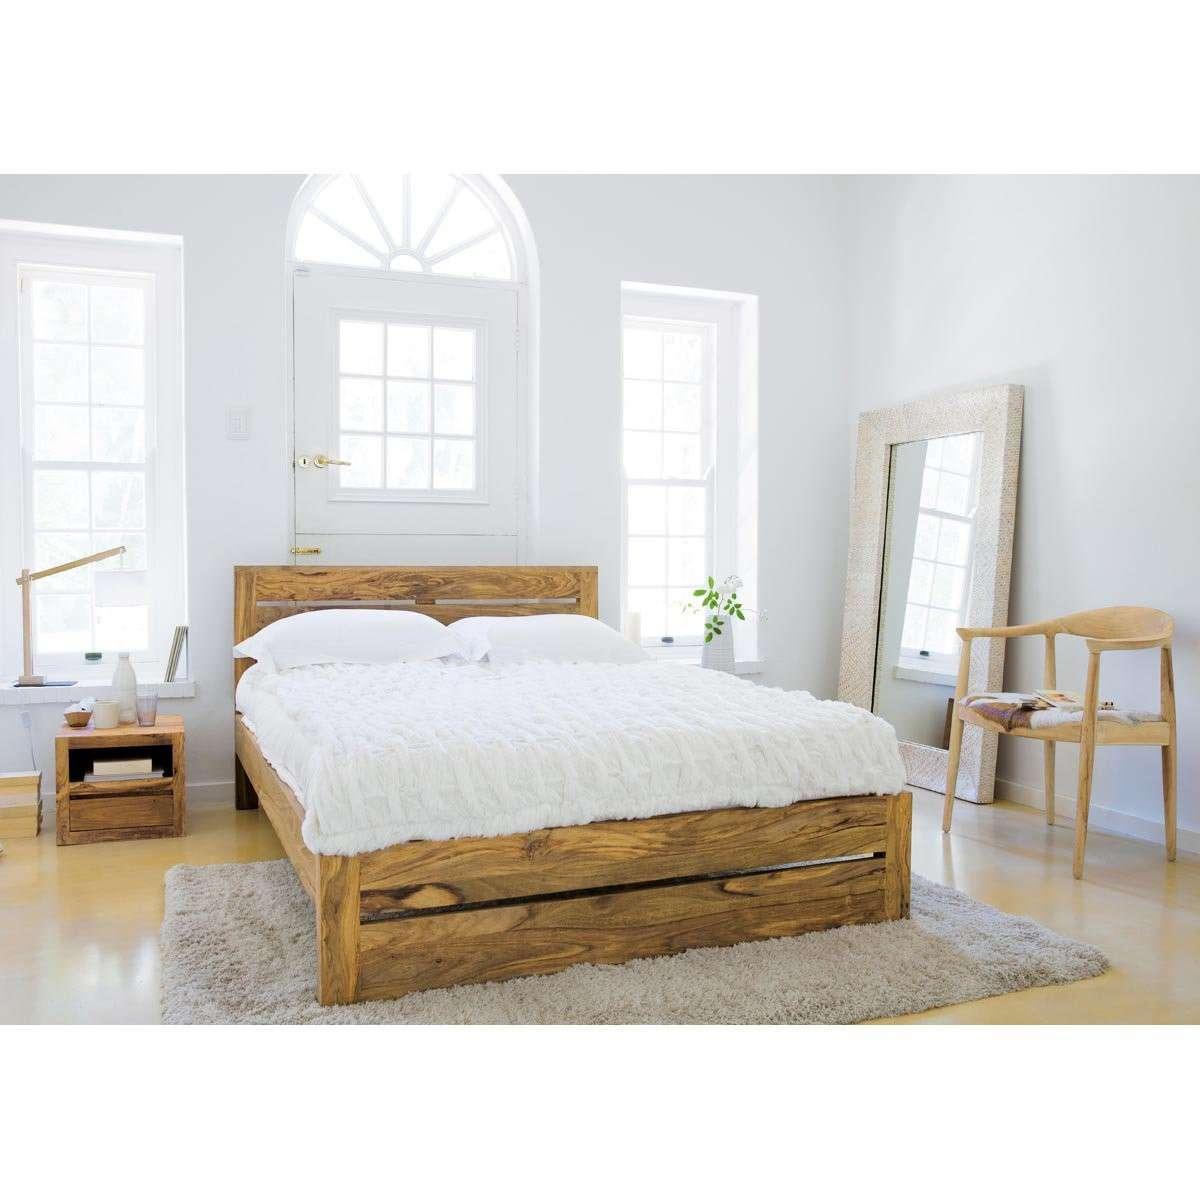 Arredamento in bianco e legno